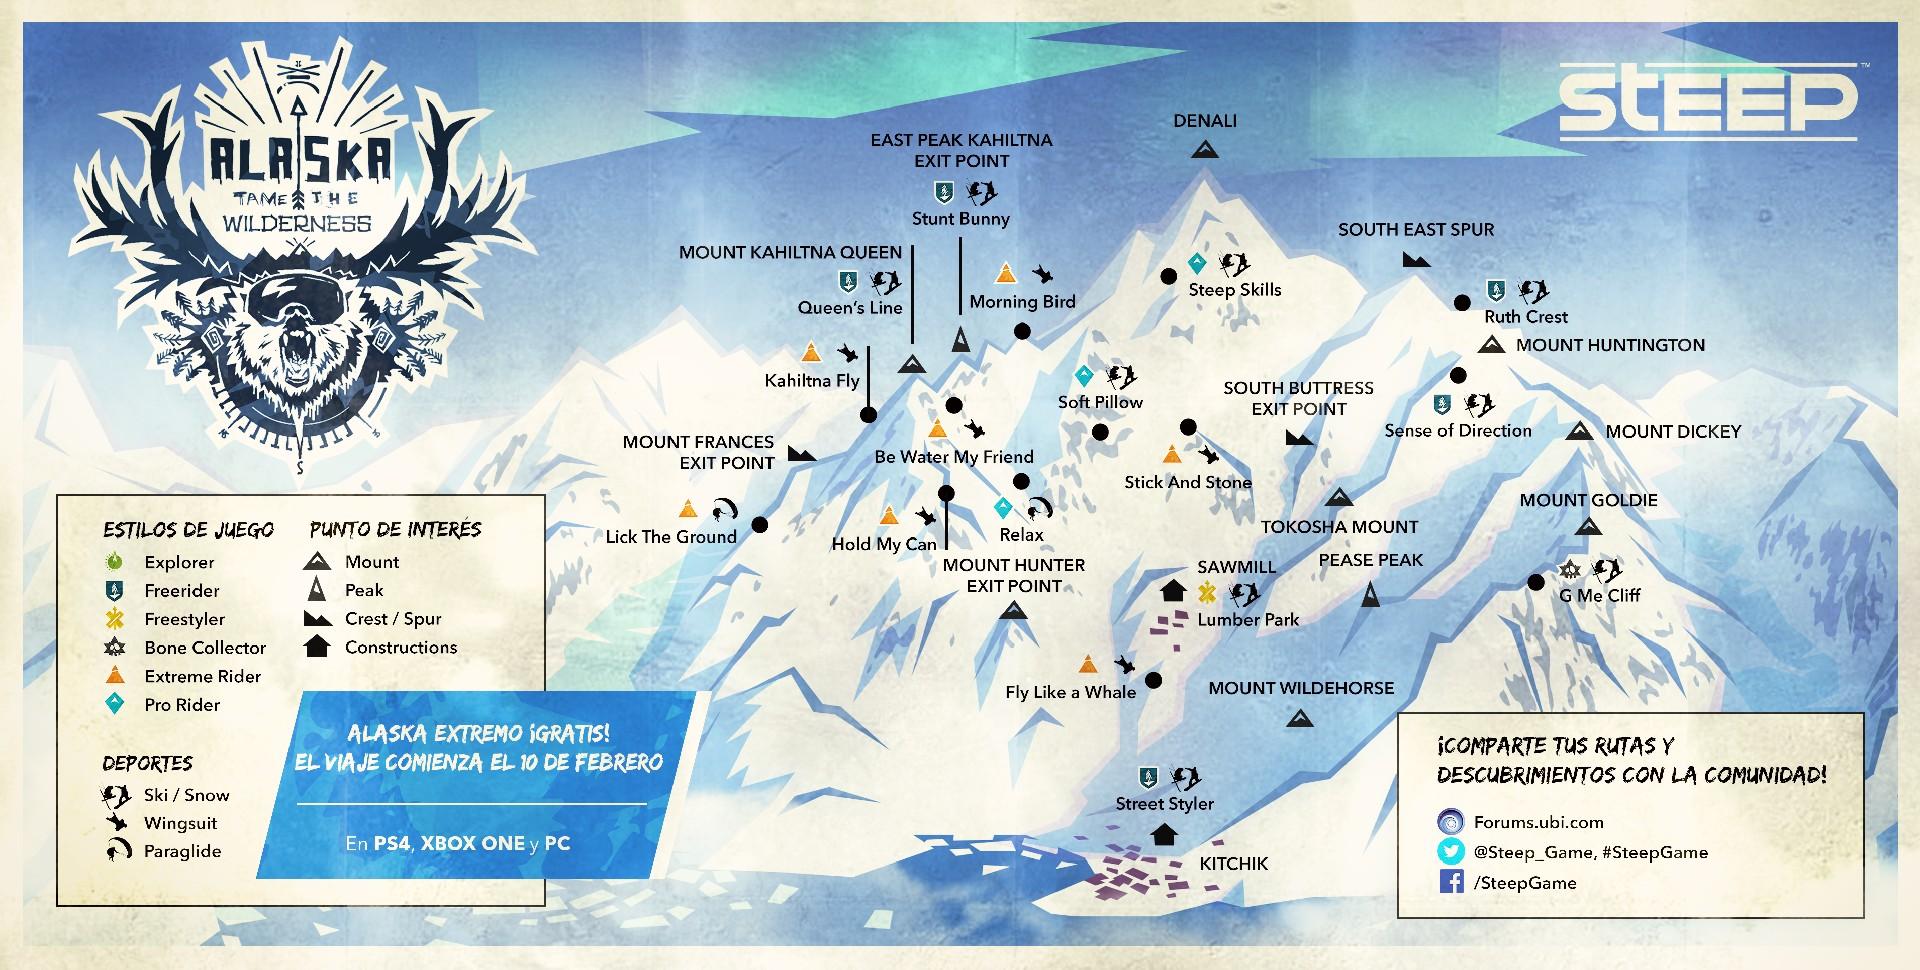 Steep sumará un nuevo mapa el 10 de febrero: Alaska